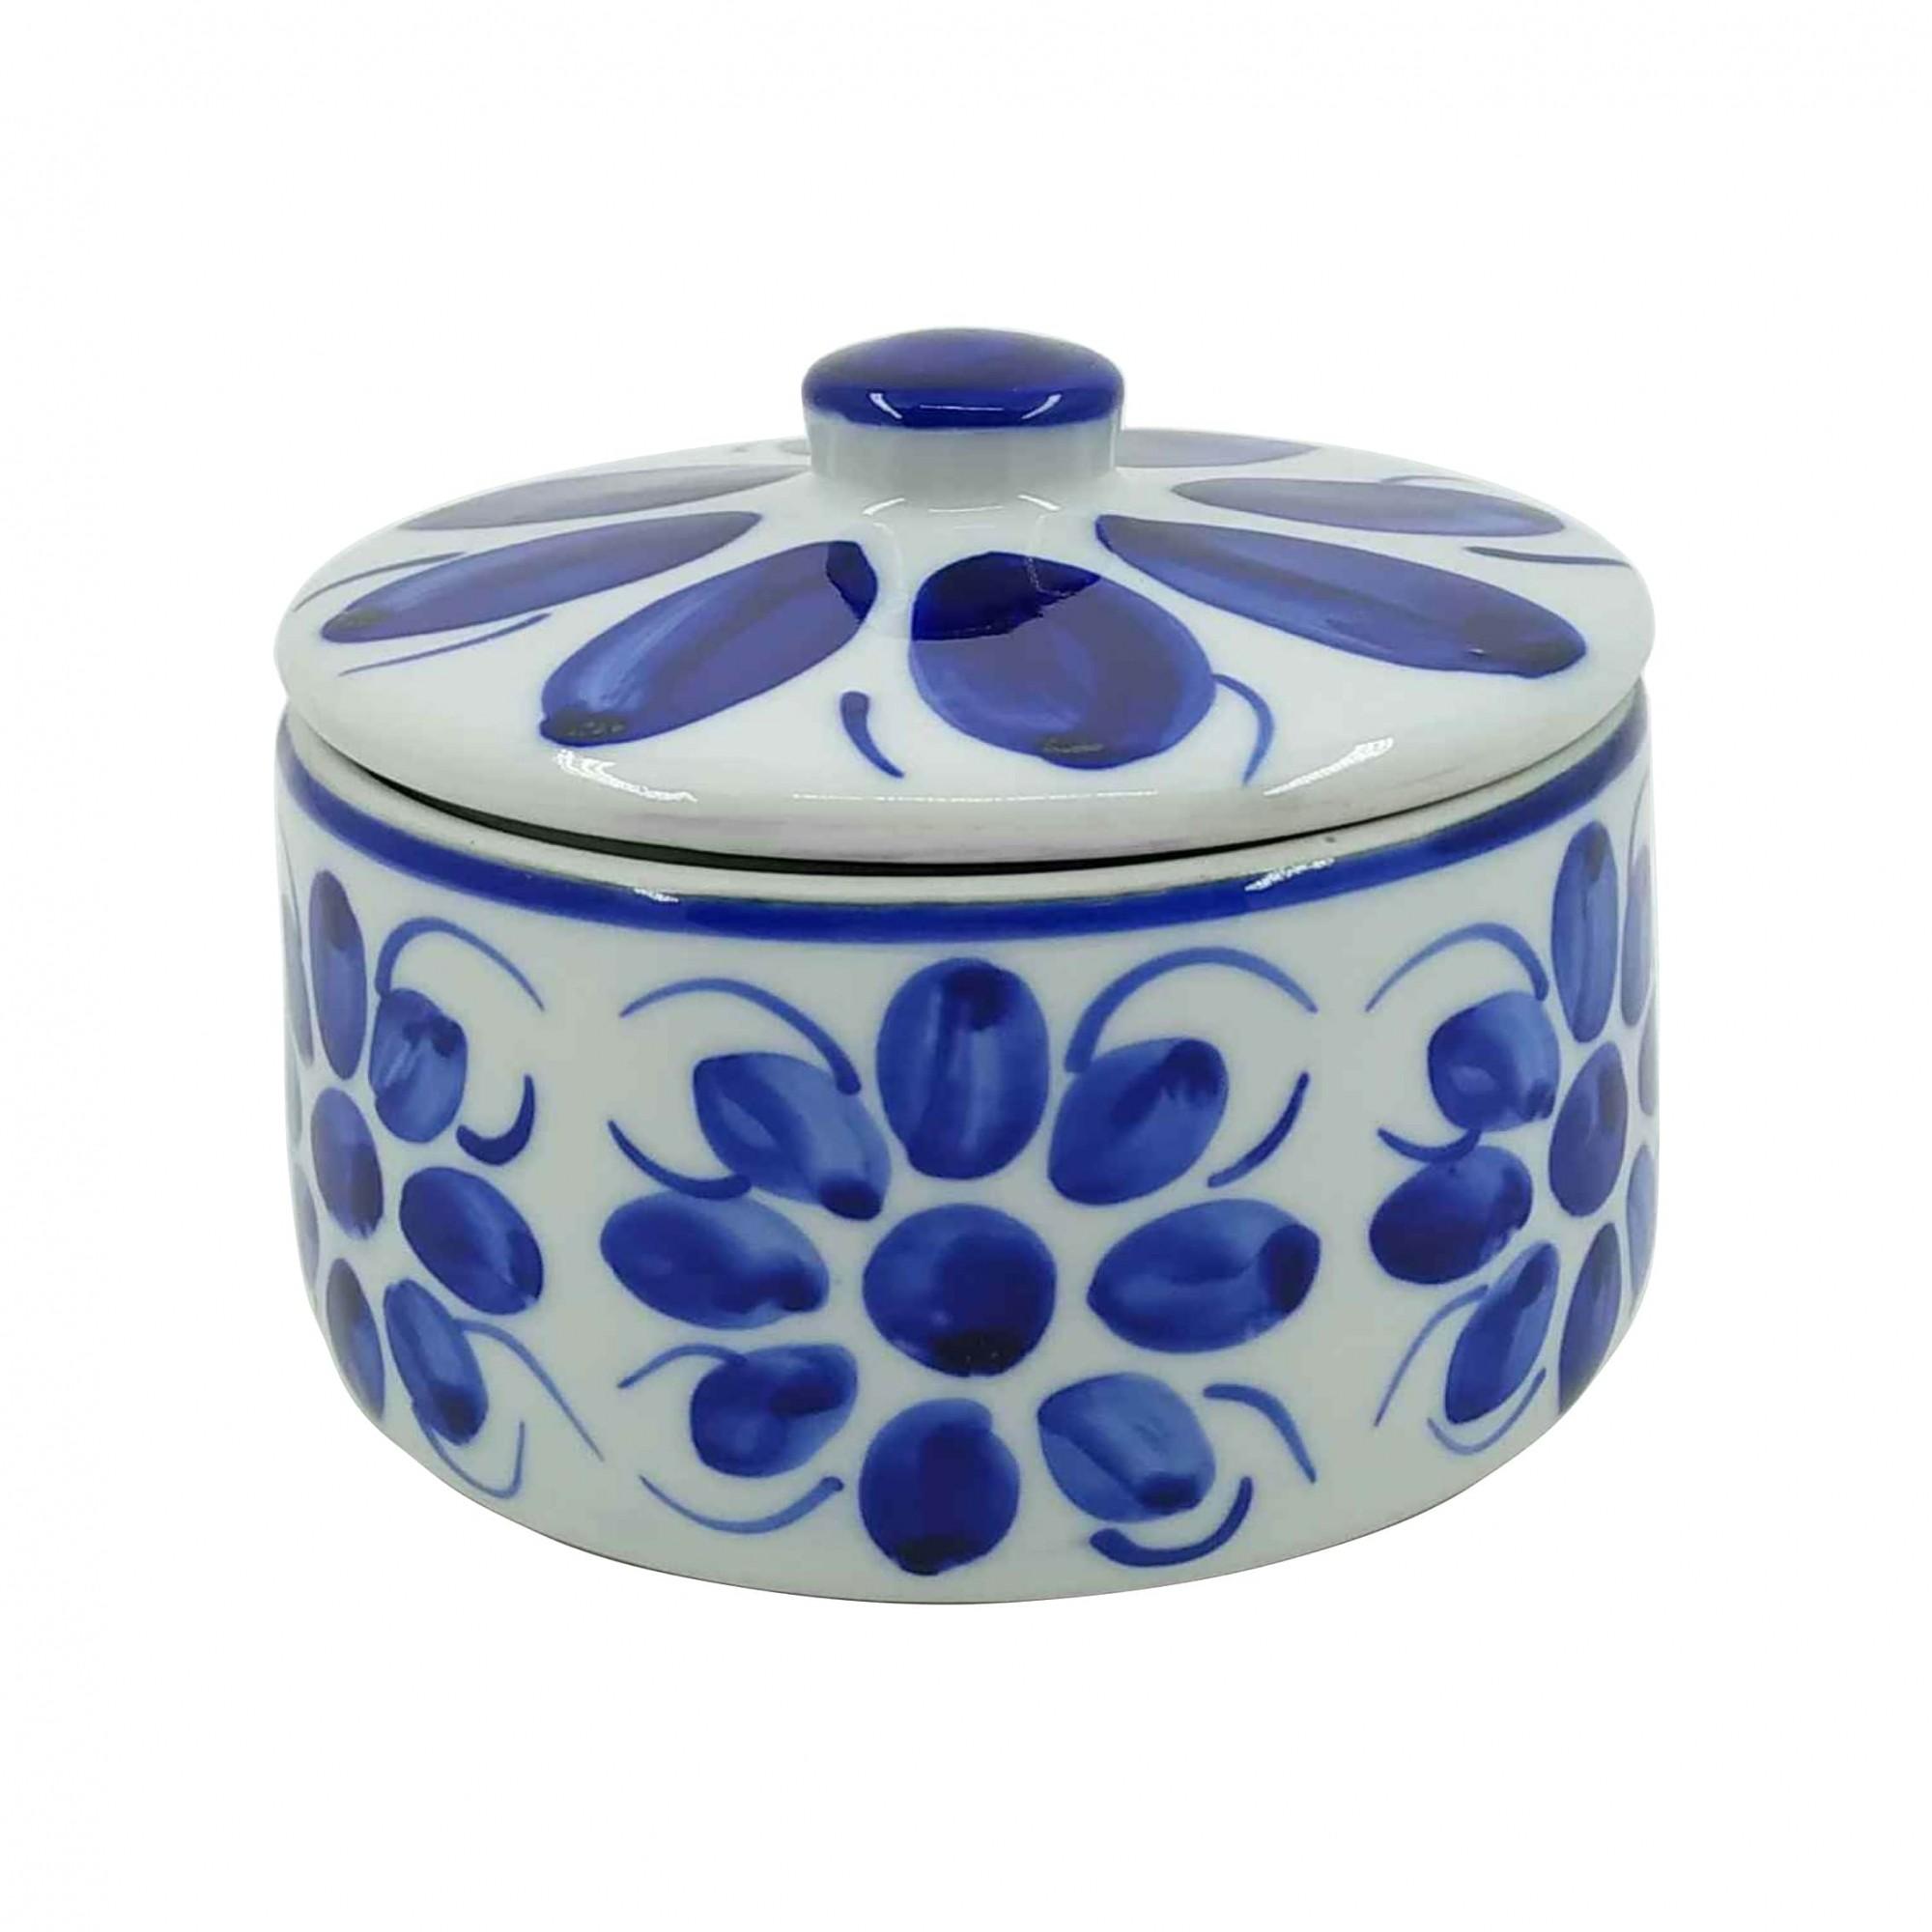 Manteigueira Redonda em Porcelana Azul Colonial